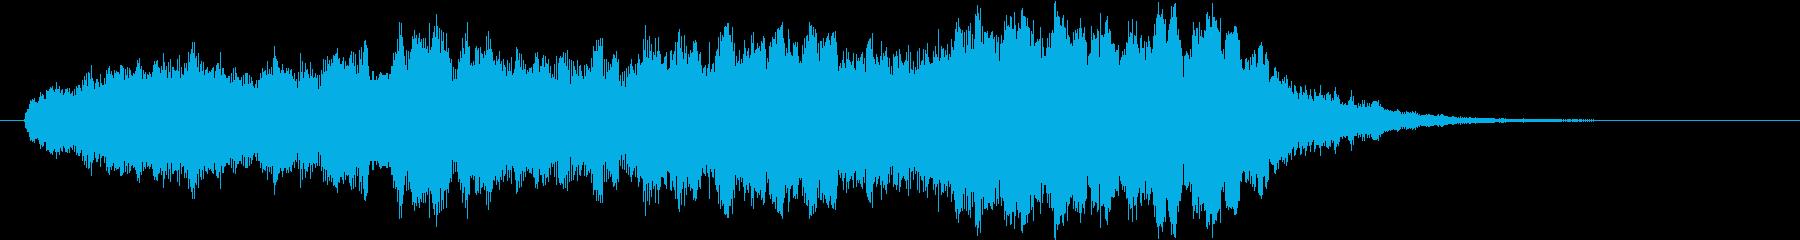 幻想的な映像オープニングロゴの再生済みの波形